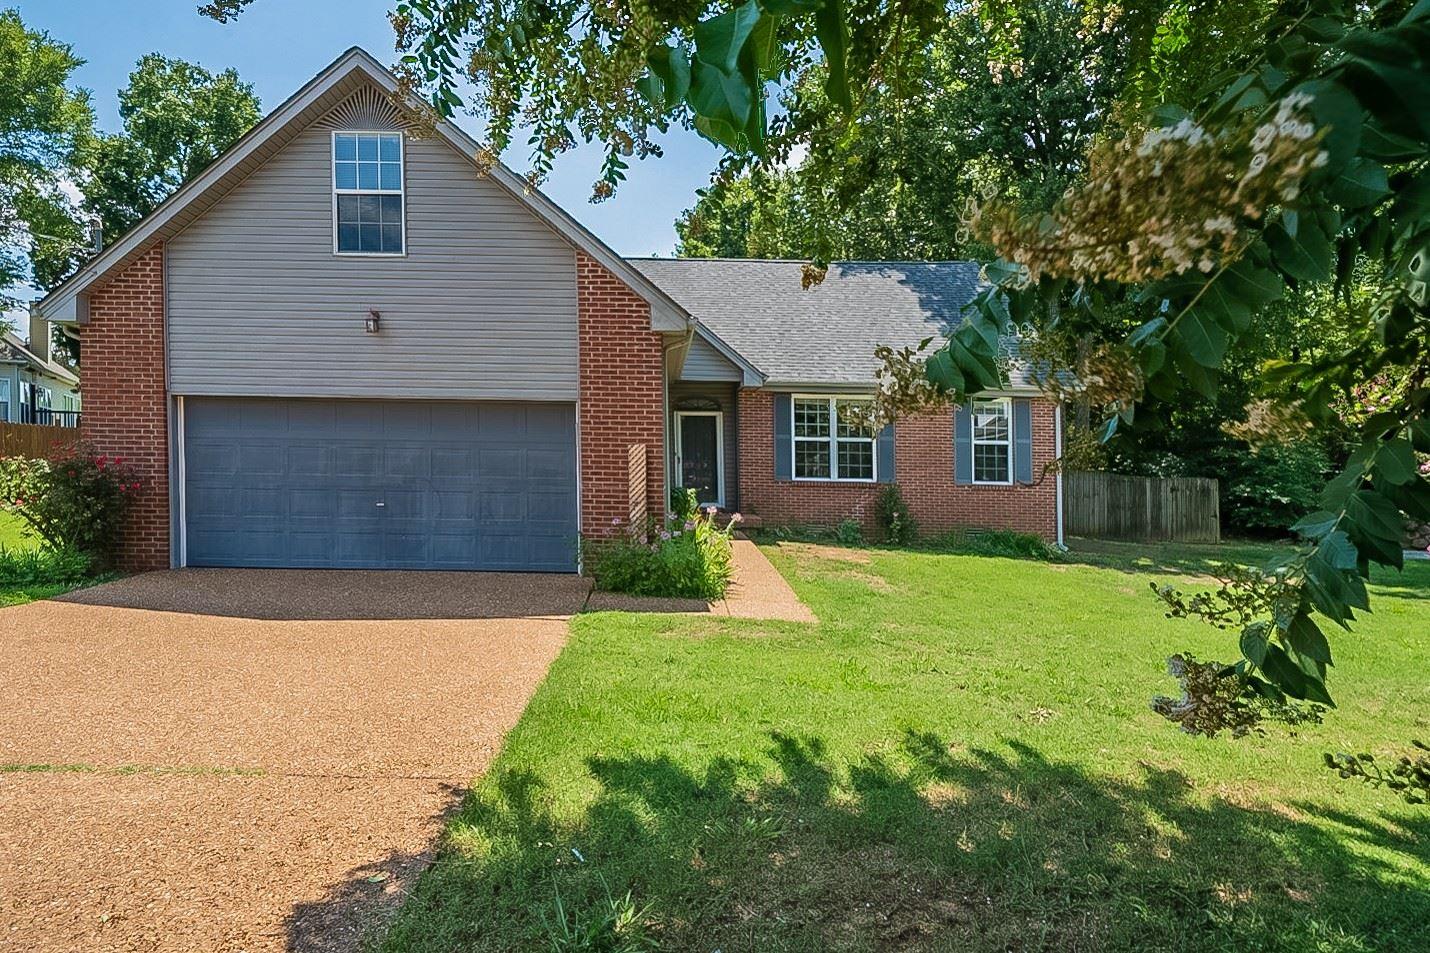 105 Belle Oaks Ct, Antioch, TN 37013 - MLS#: 2279197